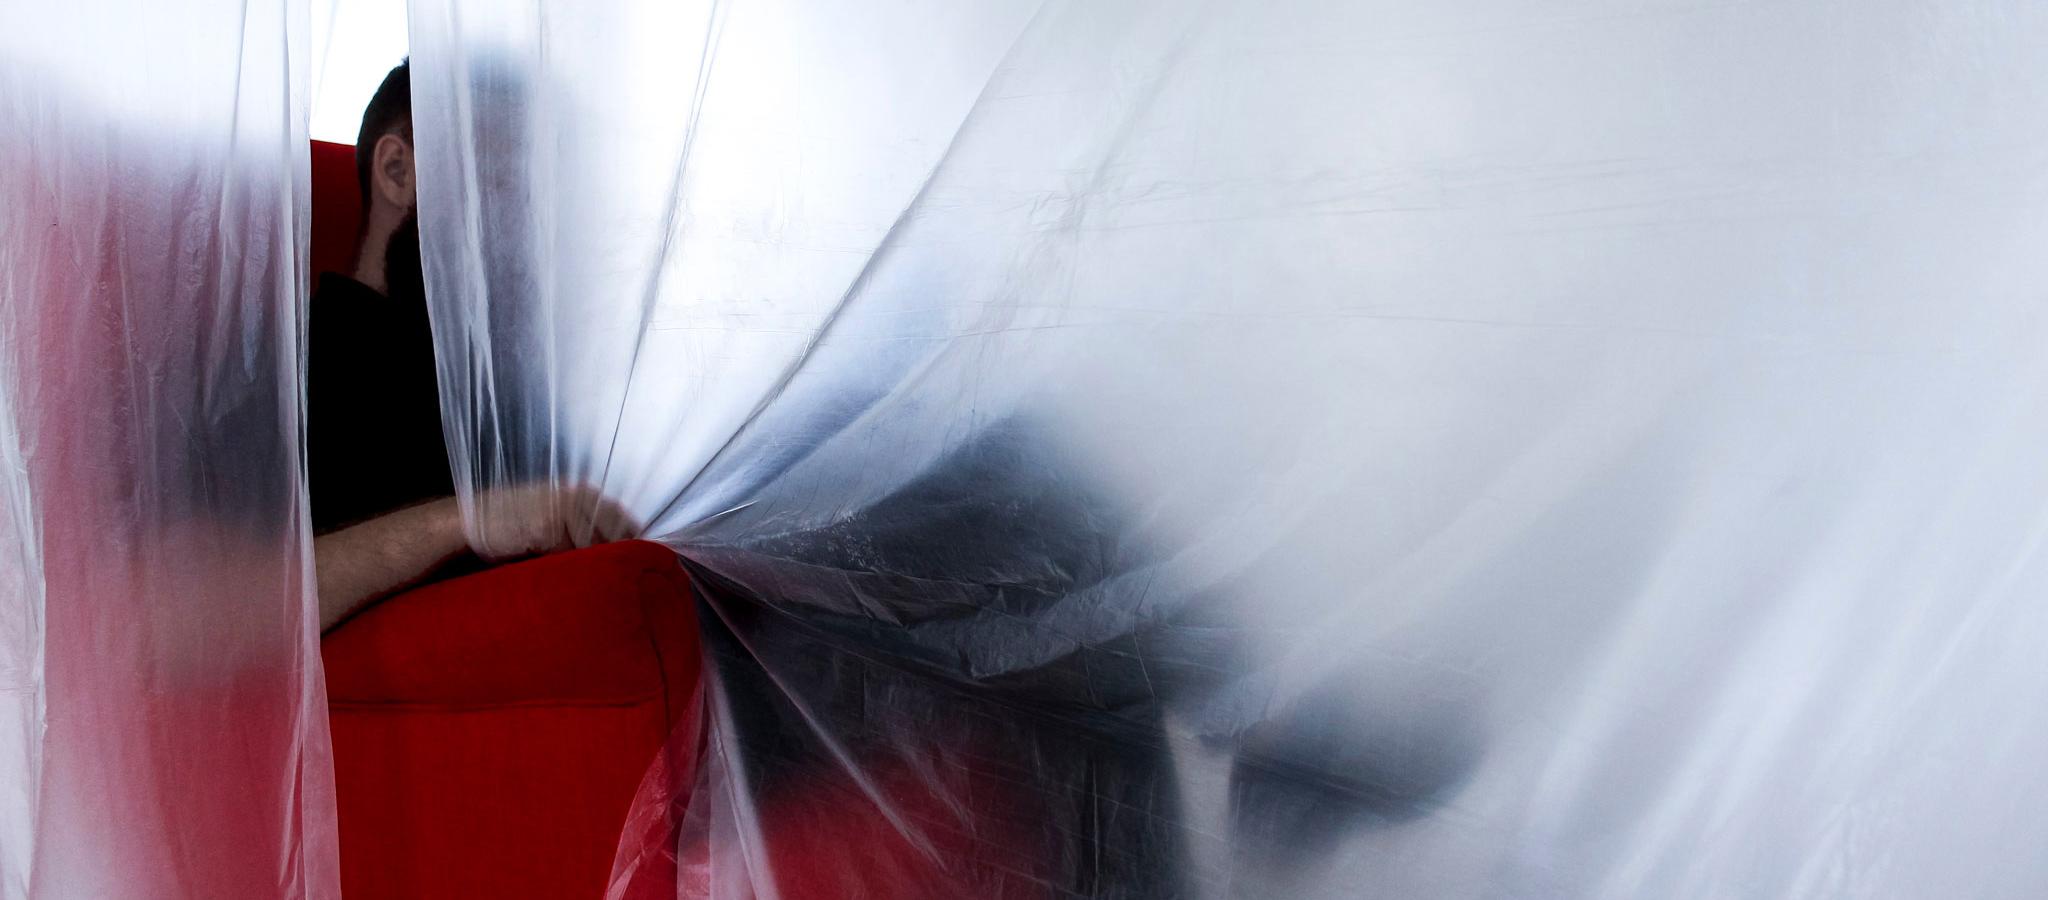 DOMESTICAR, la primera puesta en escena estética del grupo Espacio Interrogante [?]. Fotografía por Judit Otero / METALOCUS